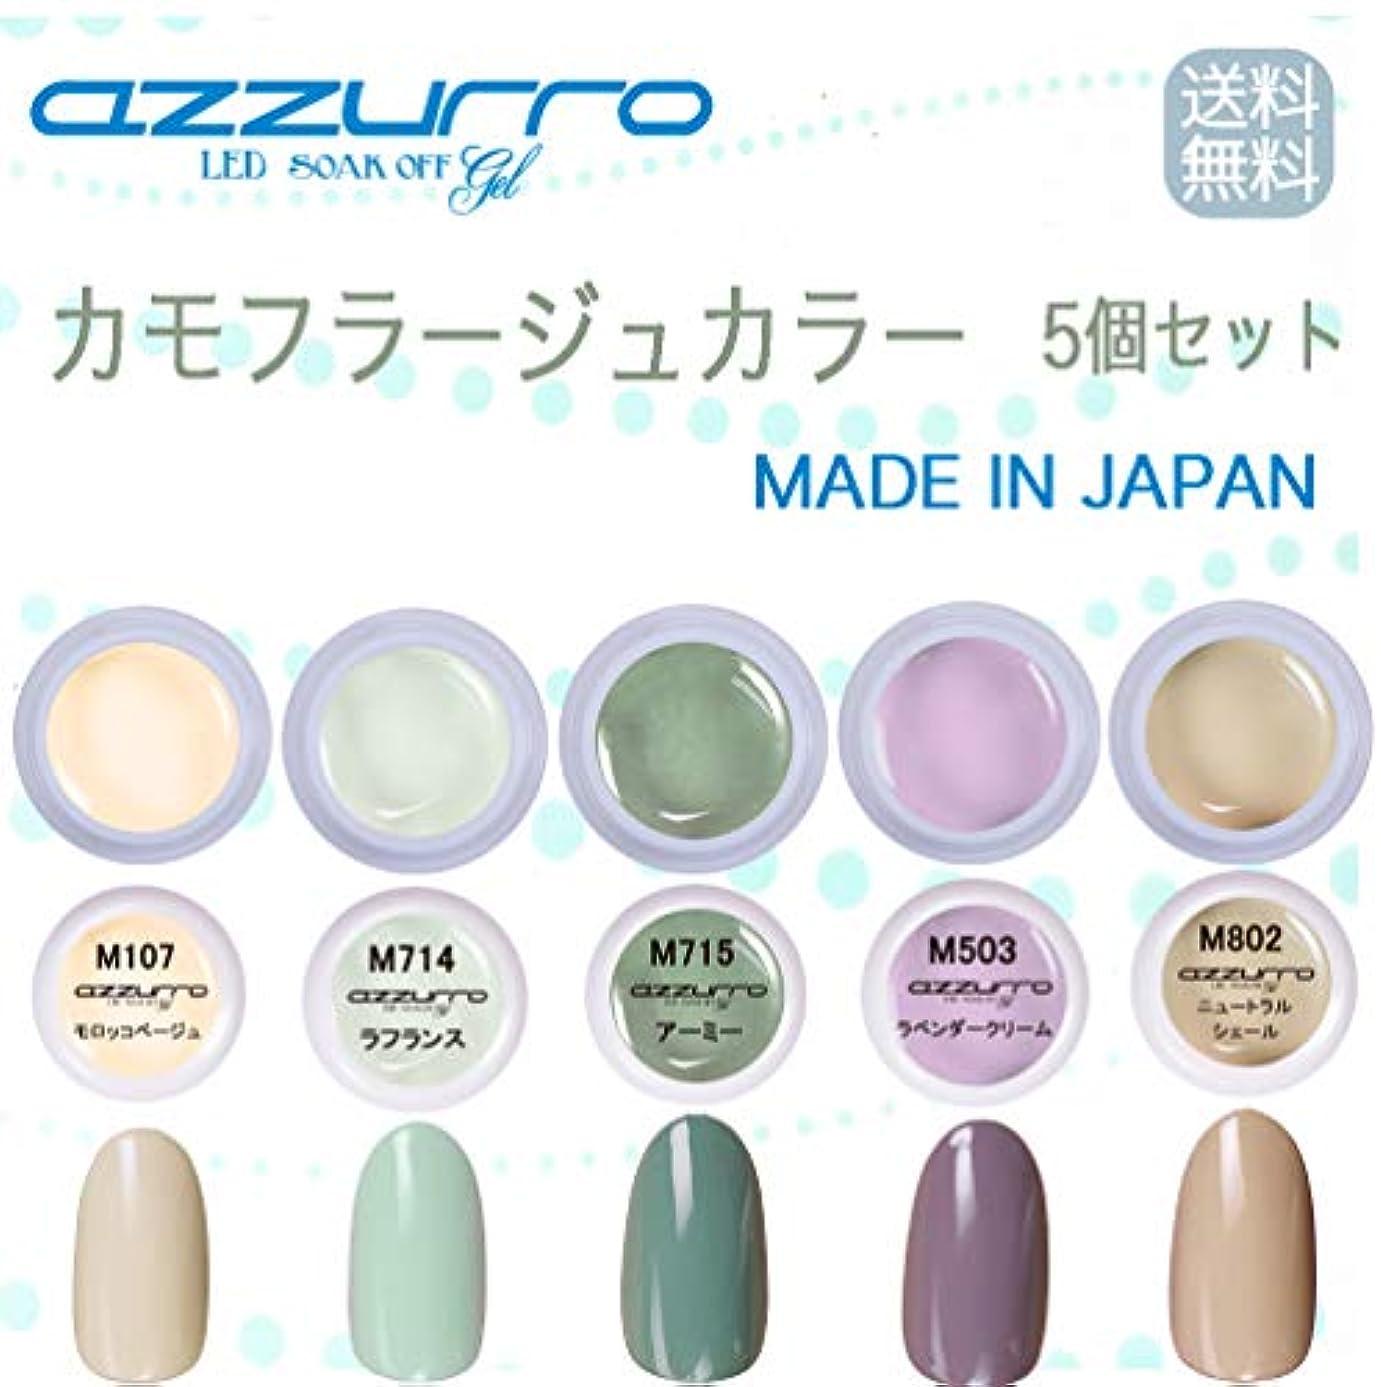 ミンチセーターの量【送料無料】日本製 azzurro gel カモフラージュカラージェル5個セット 春にピッタリでクールなトレンドカラーのカモフラージュカラー